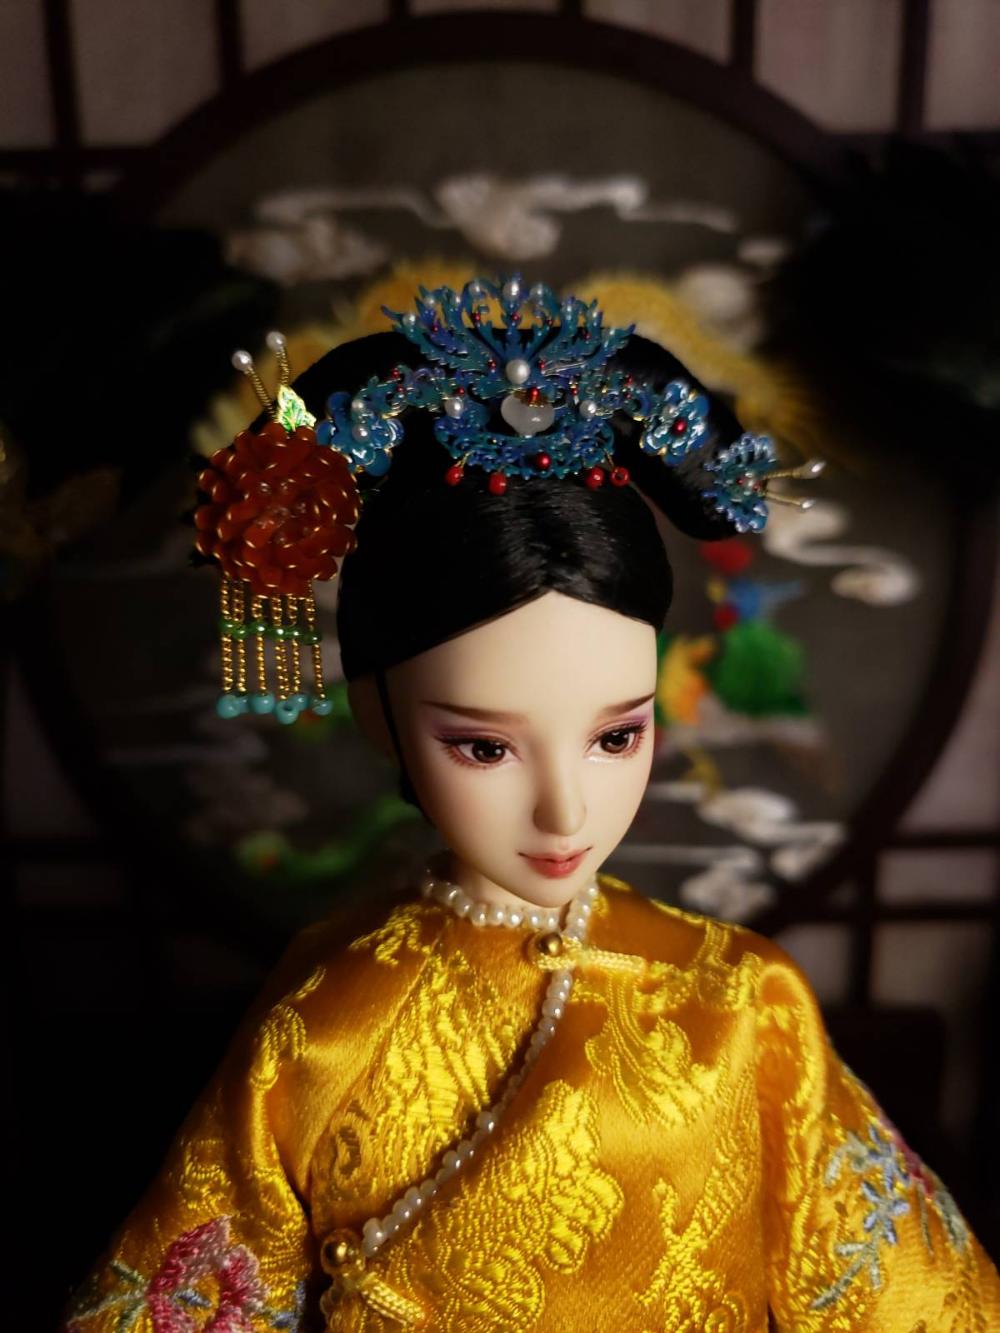 淘宝��e9�m���\�_古装娃娃头饰定制娃头饰现货成品定制古装头饰-淘宝网|Nhà